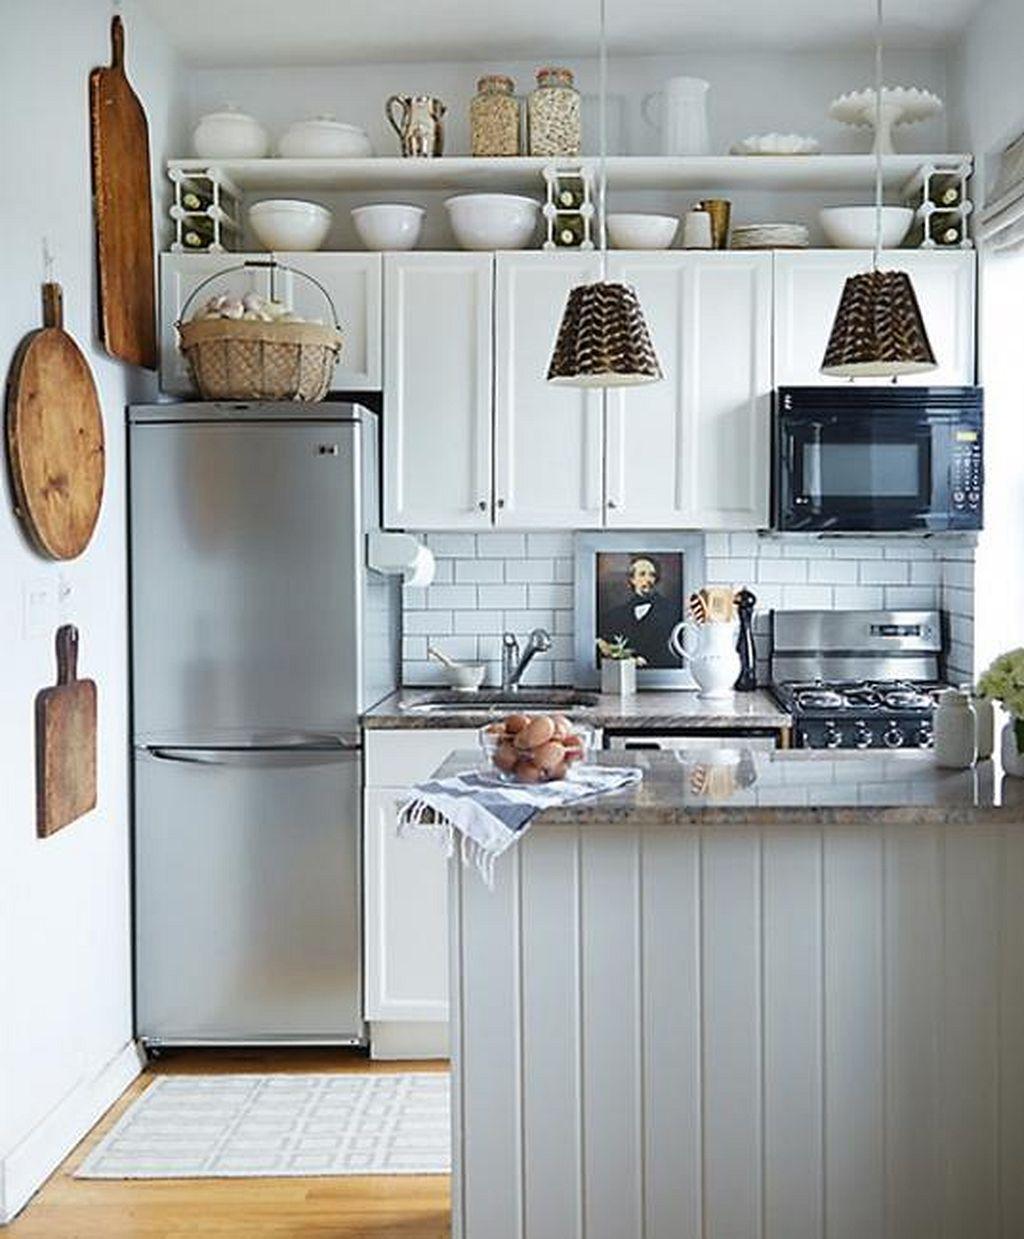 Small White Kitchens Small White Kitchens Small Apartment Kitchen Kitchen Remodel Small